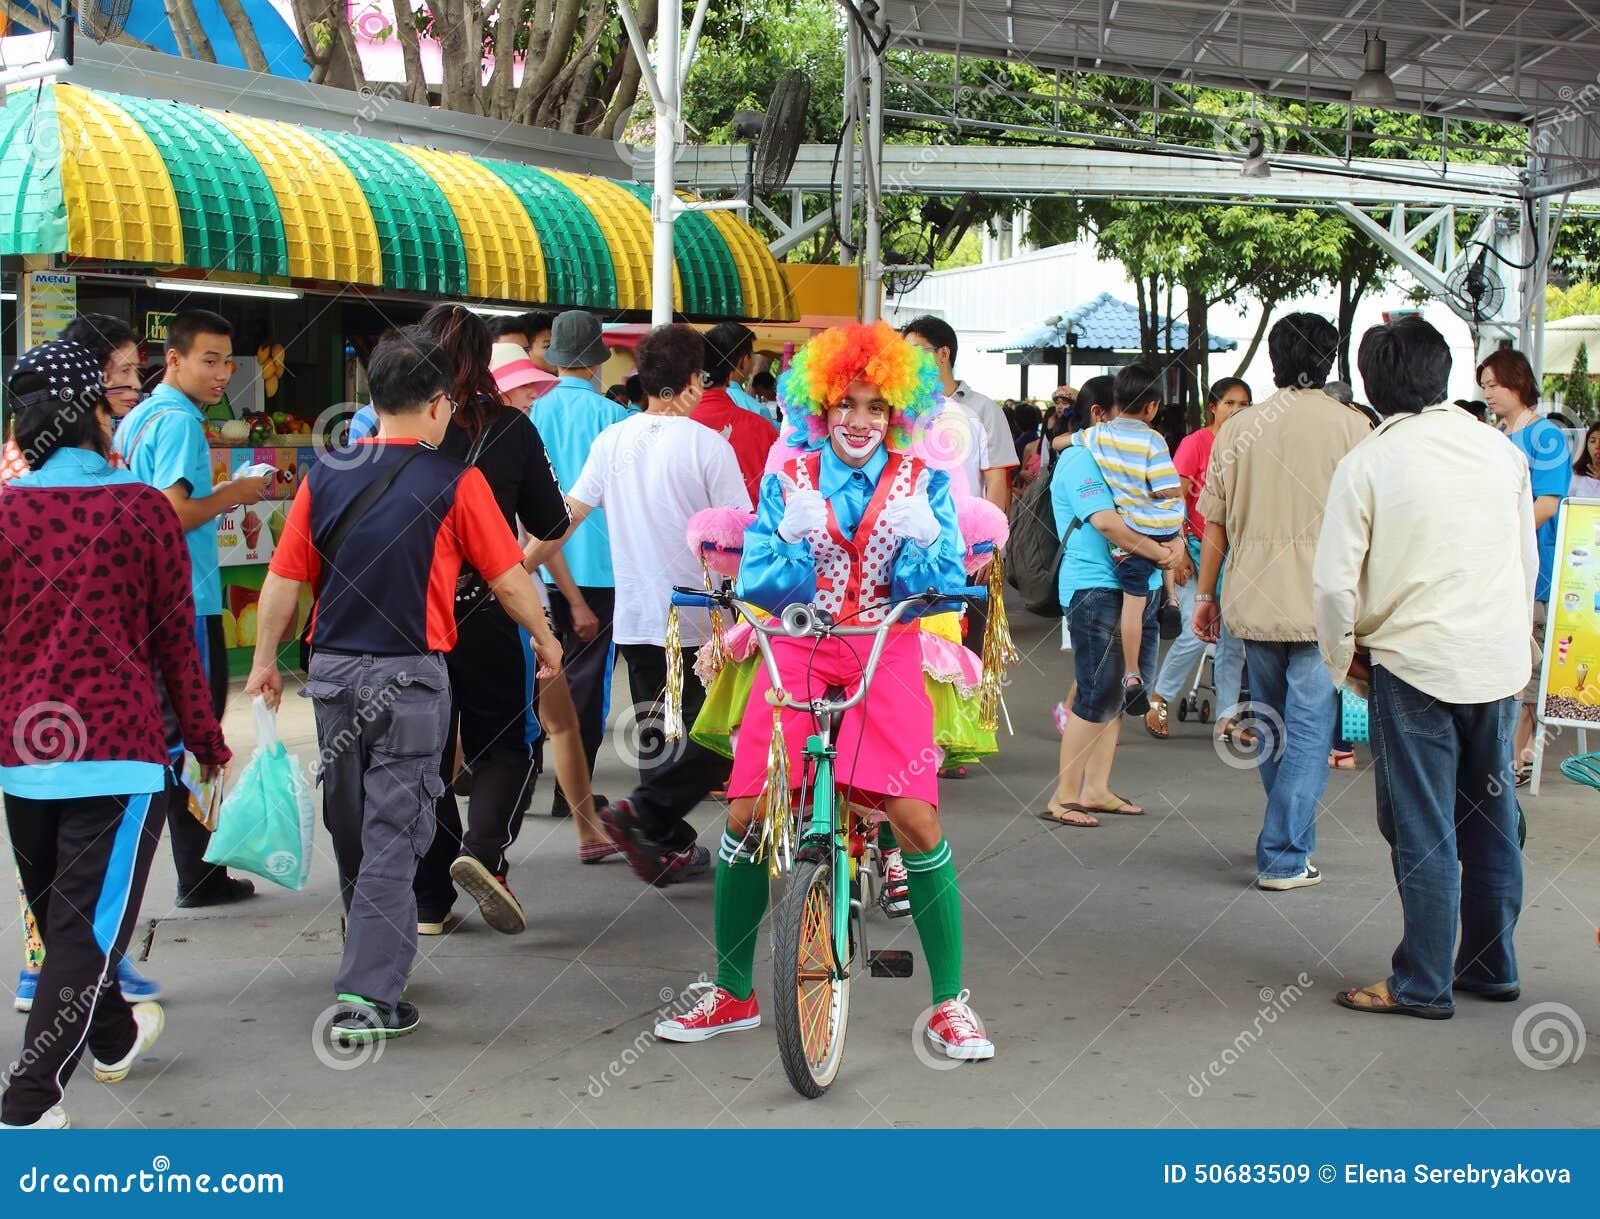 Download 曼谷梦想公园世界 编辑类库存图片. 图片 包括有 世界, 招待, 聚会所, 娱乐, 泰国, 公园, 轰隆的 - 50683509